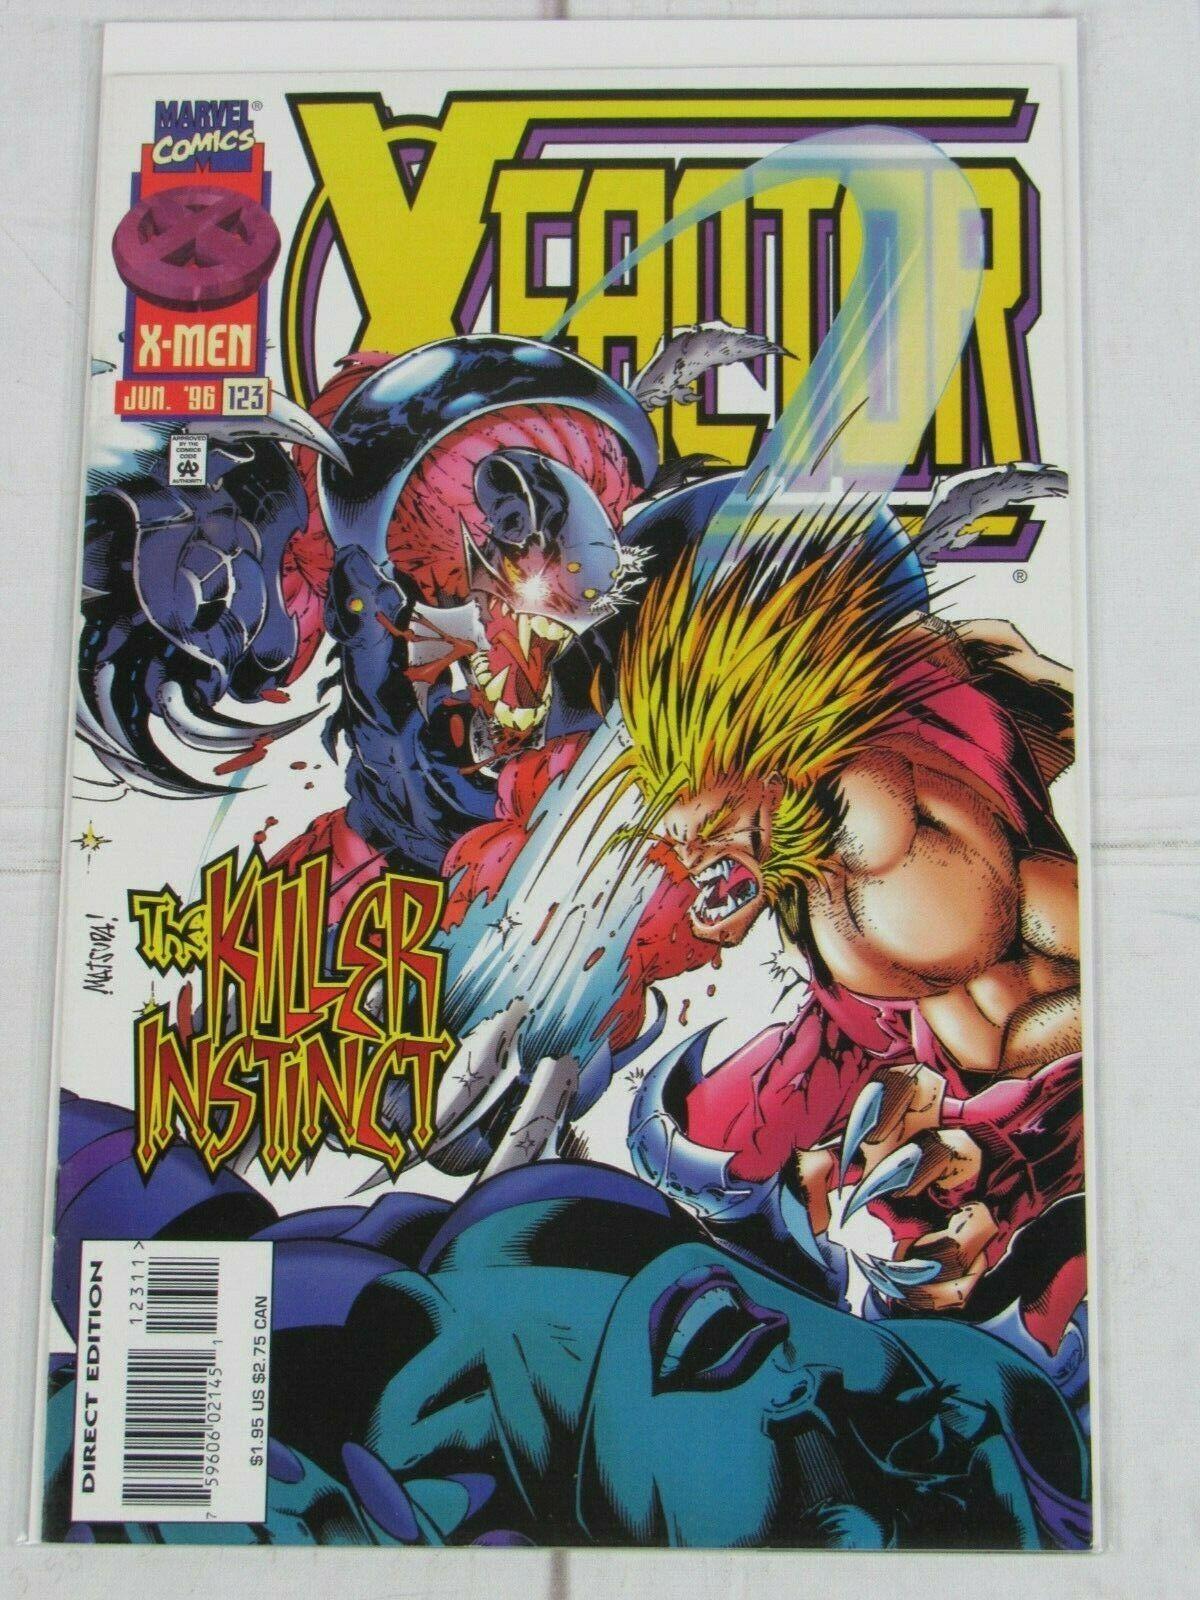 X-Factor #122-128 Lot of 7 comics 1996 Marvel Comics - C5050